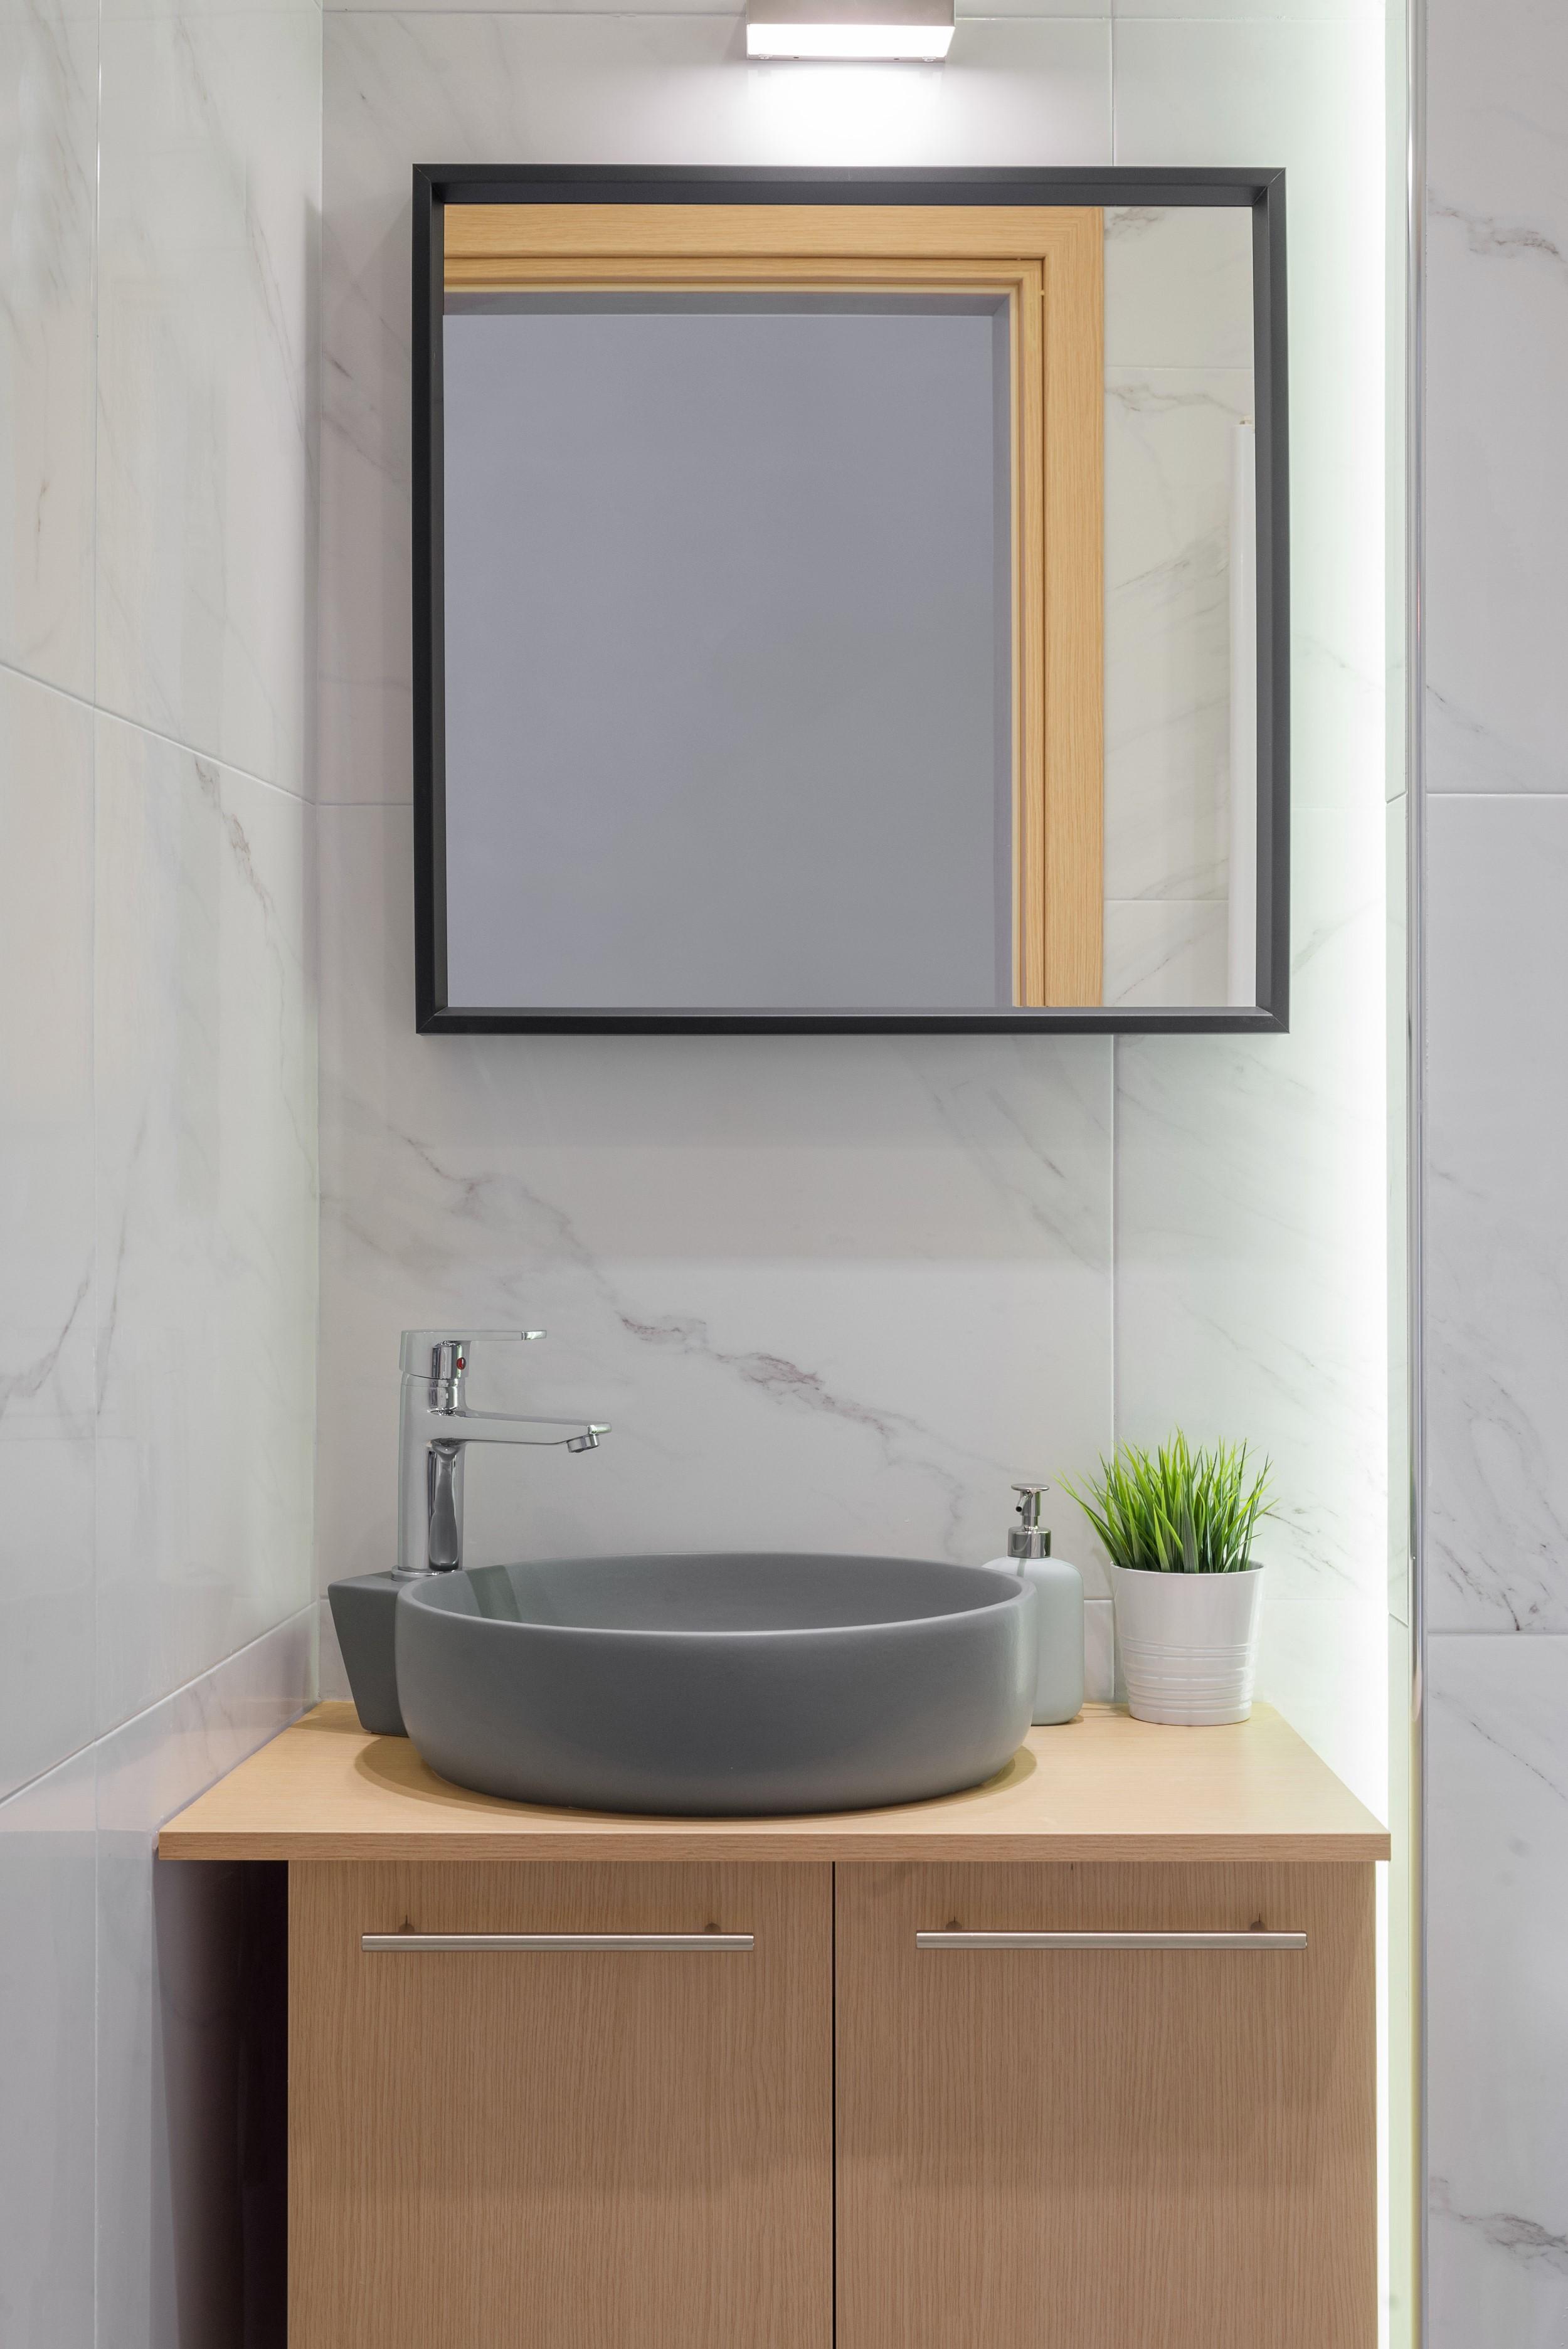 Μπάνιο νιπτήρας (custom)